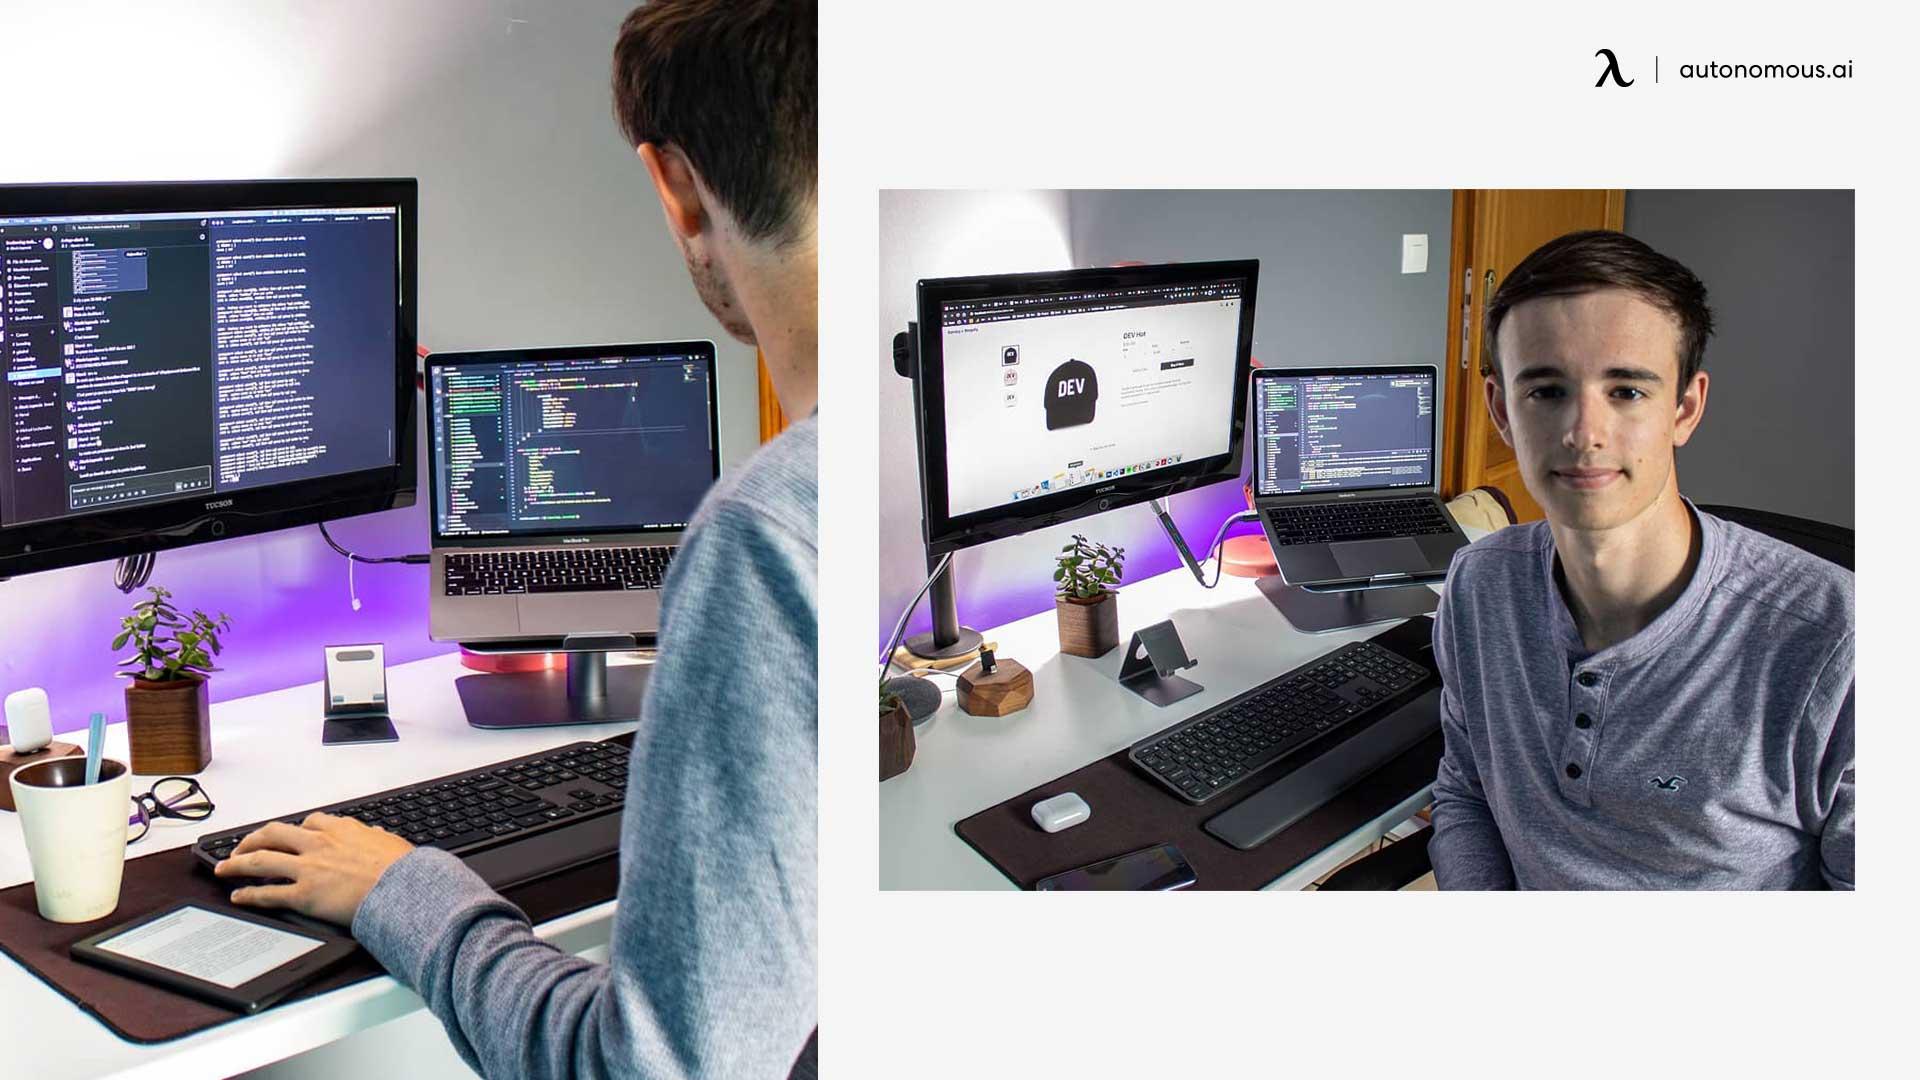 Smart Desk Autonomous